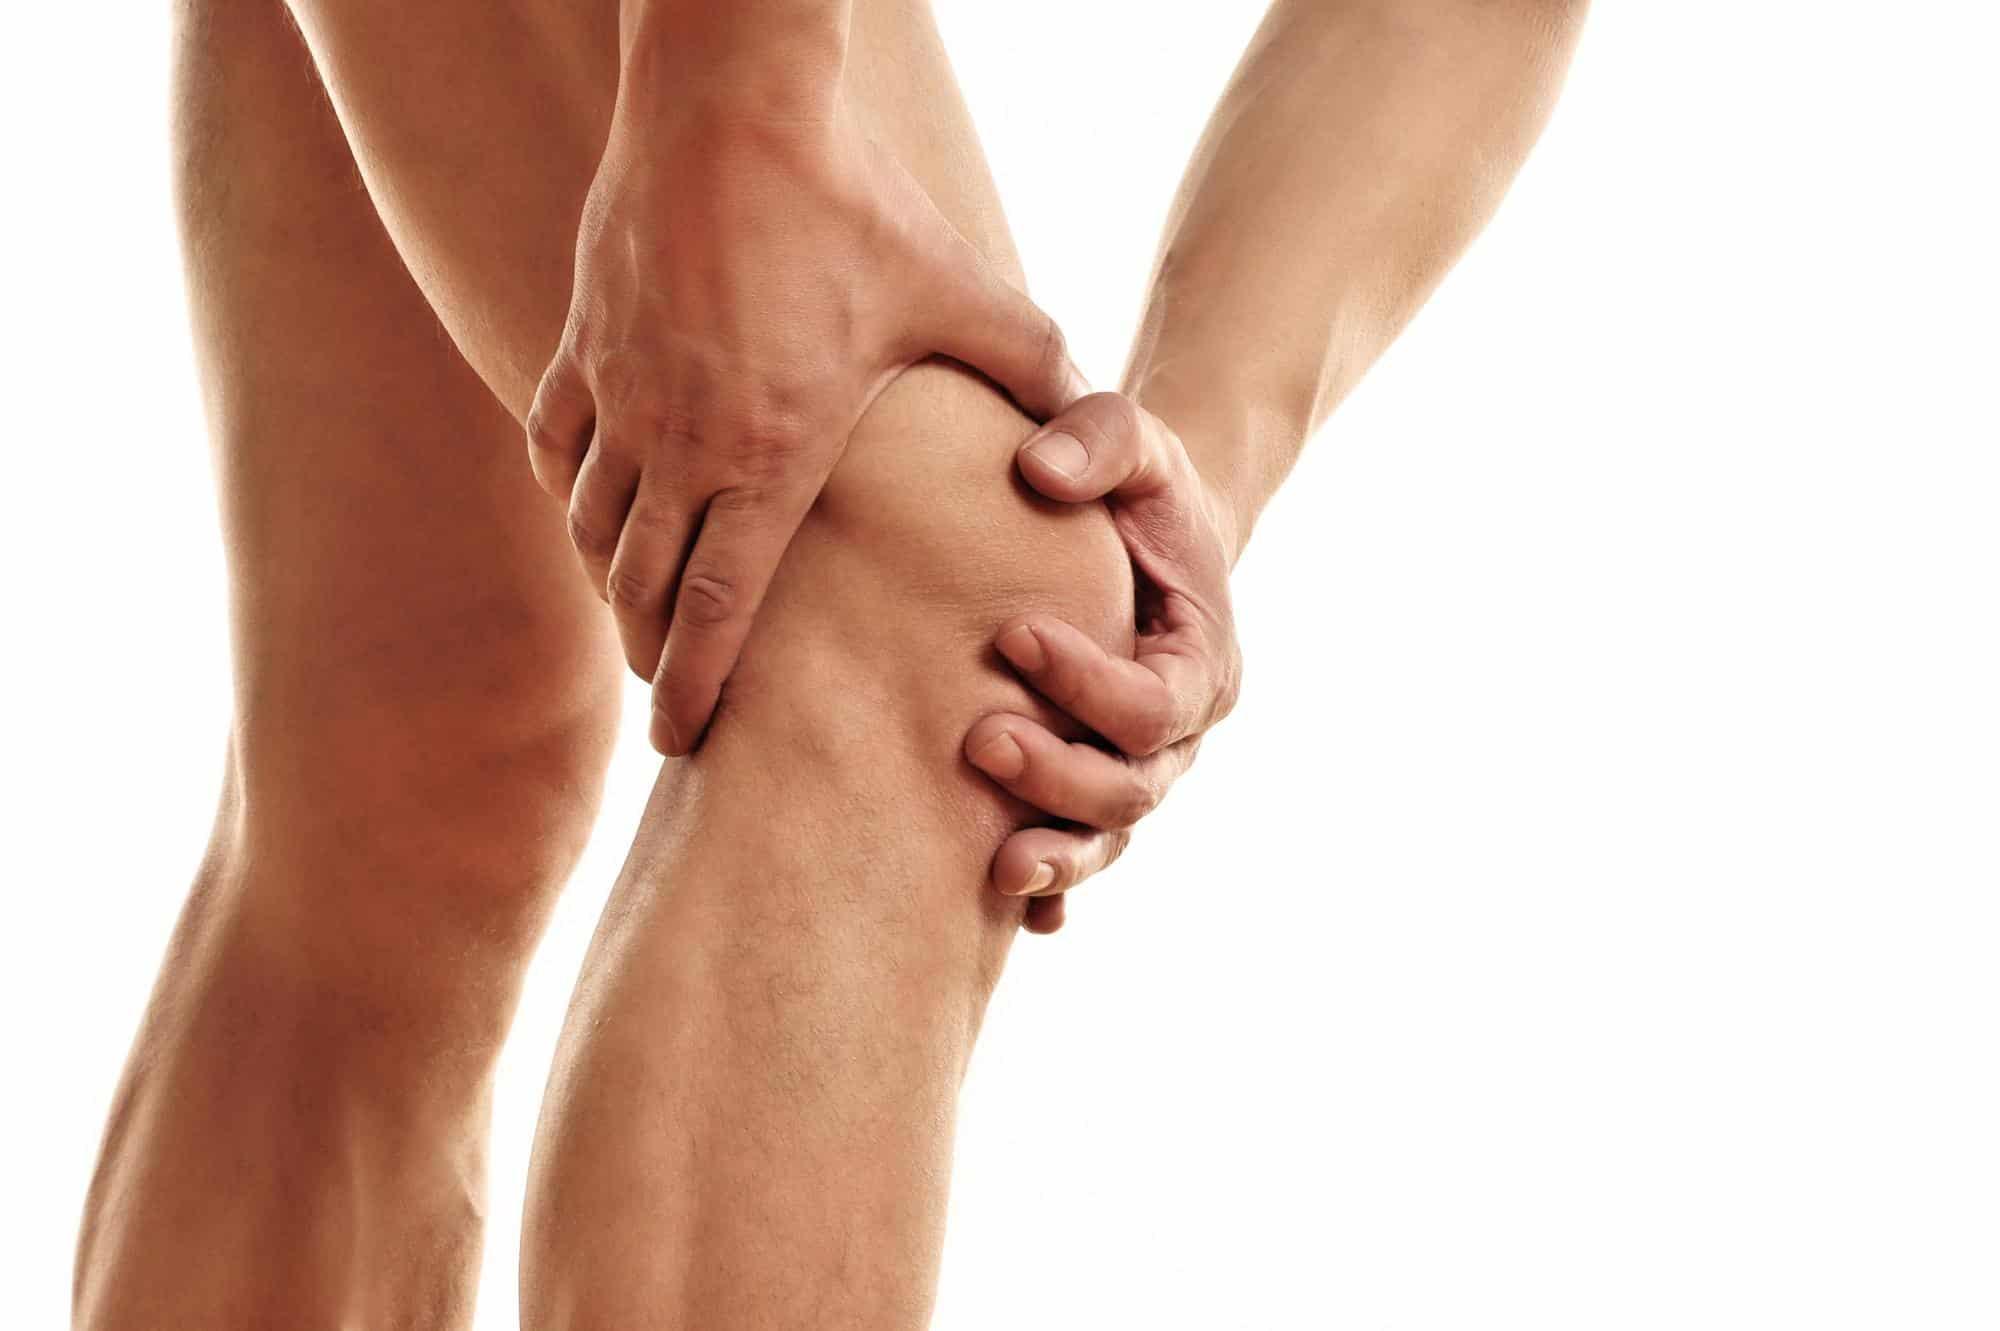 Santé : La cystite à la loupe, aussi bien les causes que le traitement expliqué pour vous aider